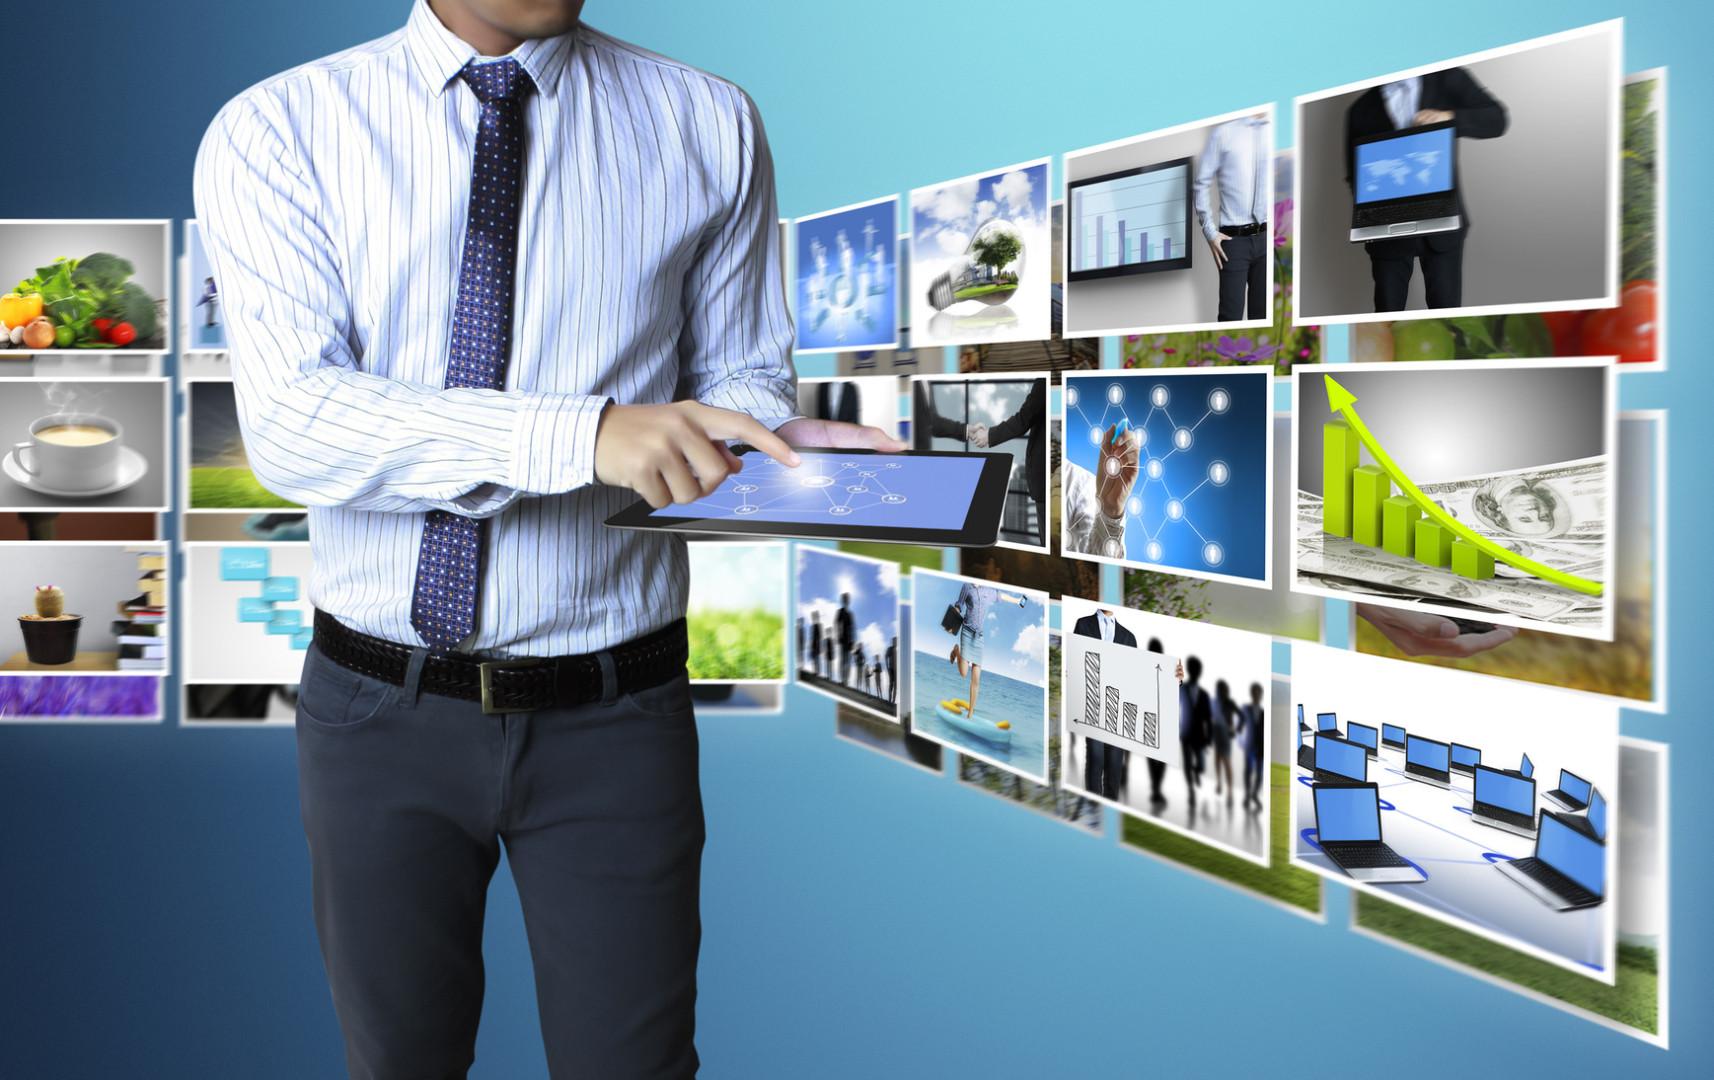 Wstrzymajcie oddech: prezentujemy najważniejsze trendy technologiczne w 2014 roku strategia mediarunmobile